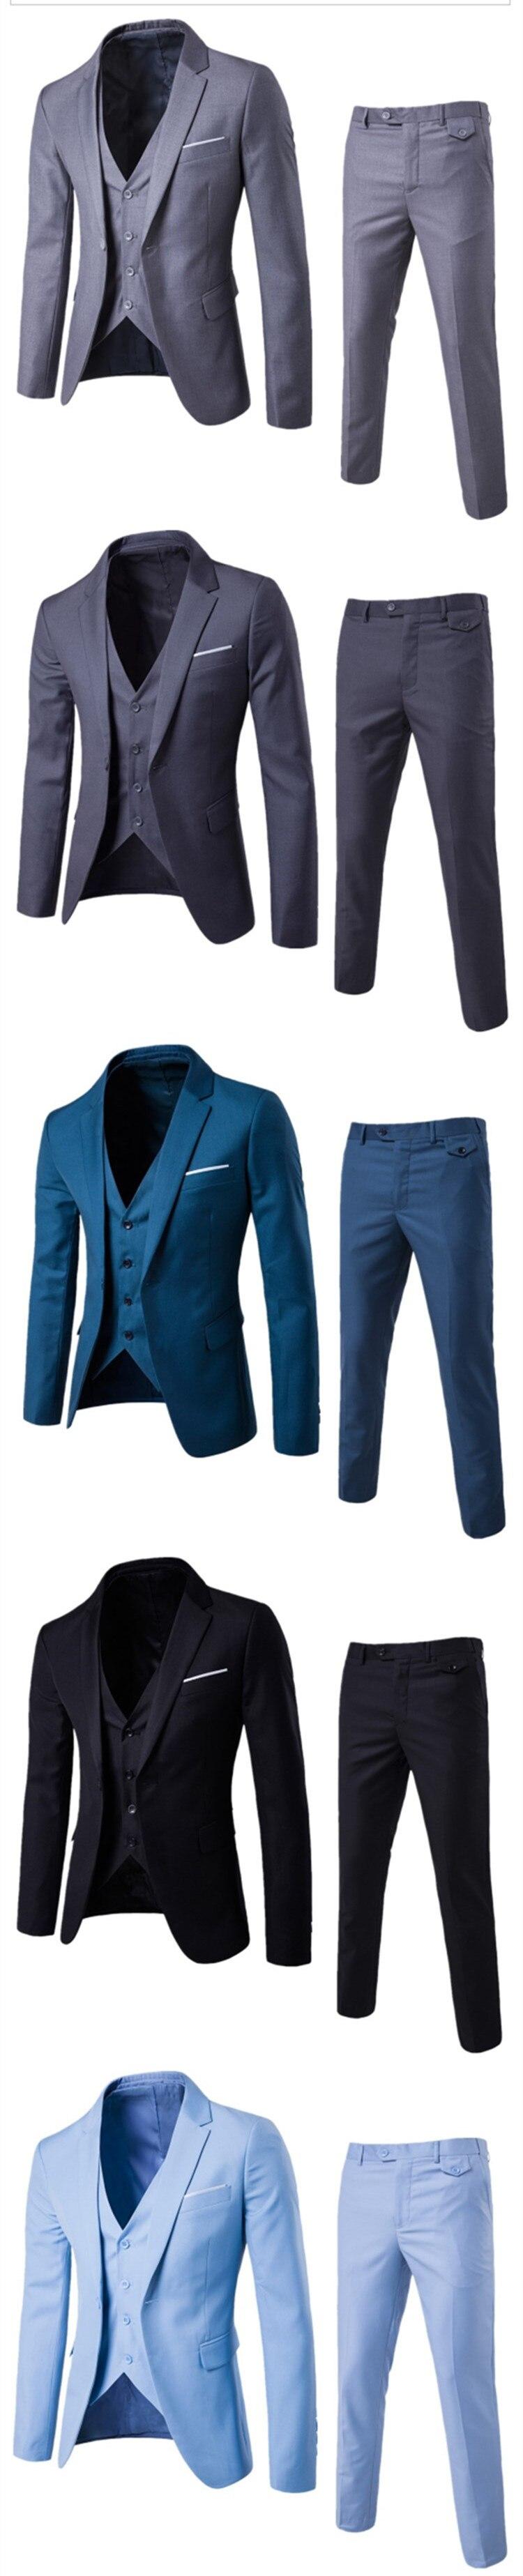 Men wedding suit styles 2018